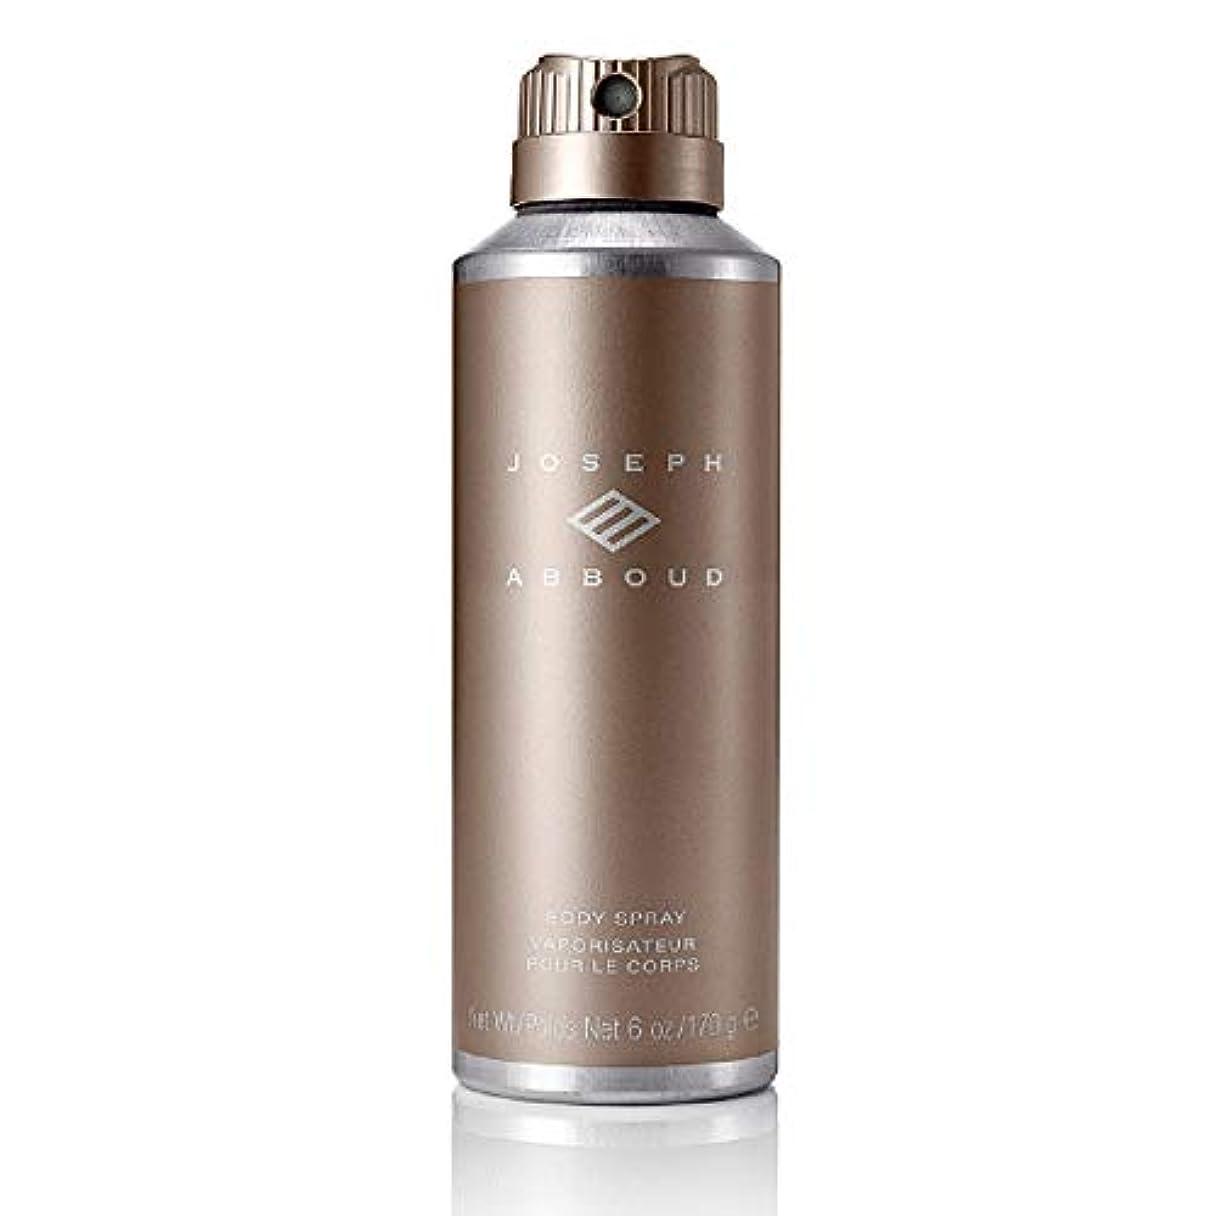 一般バーター教会Joseph Abboud ボディスプレー - 男性のための洗練された、官能的なフレグランス香水 - 大胆な男性の香り - フレッシュシトラス。竹、ラベンダー、ゼラニウム、セージ - 6オズ